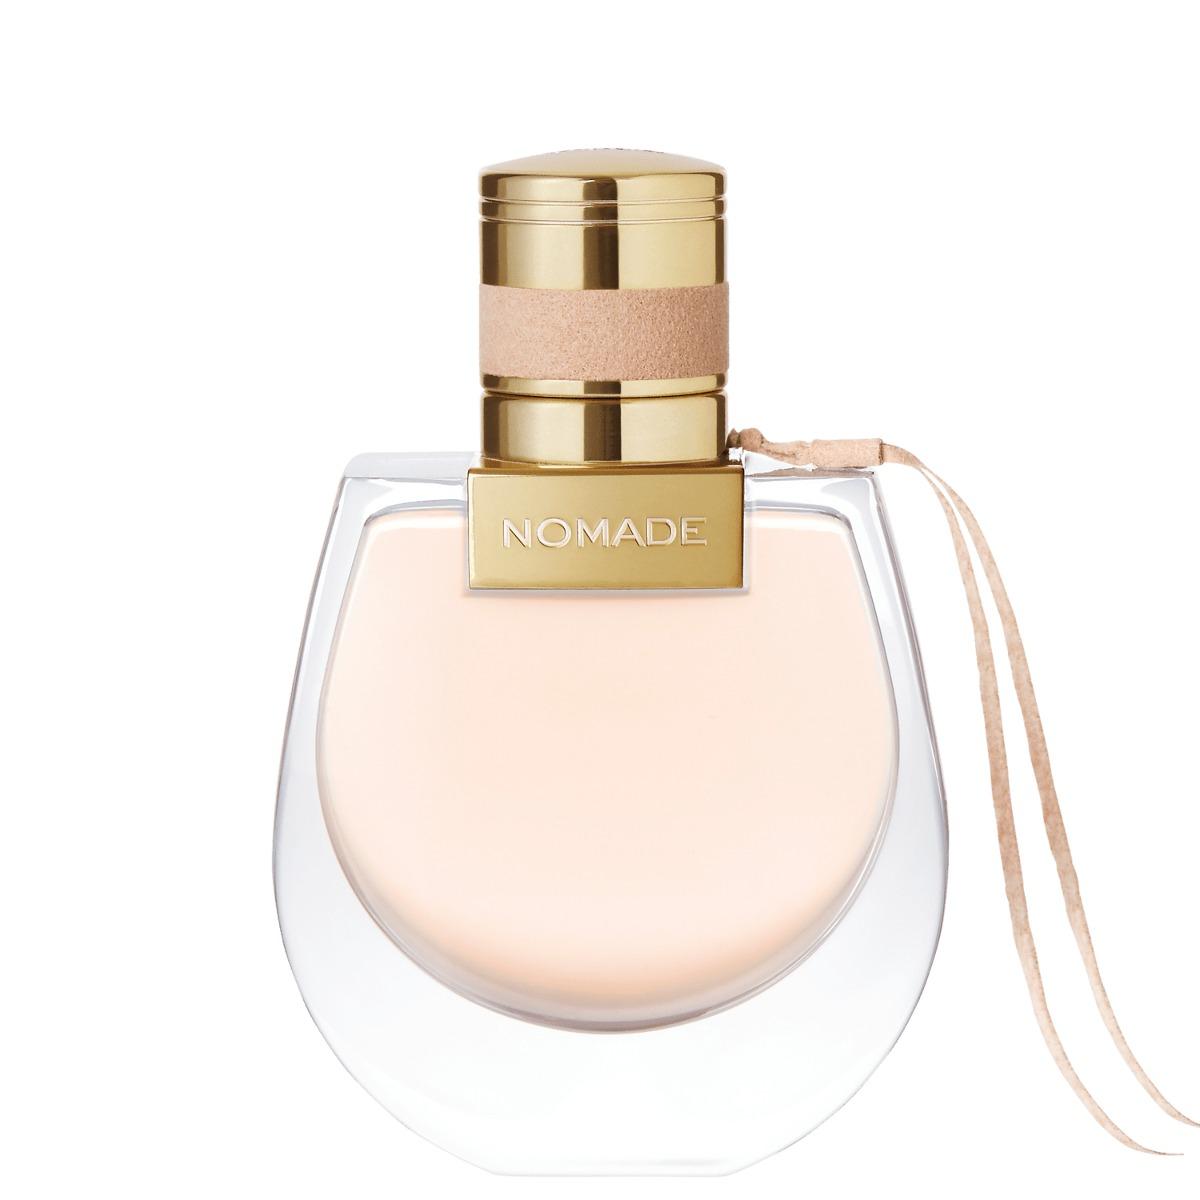 17f6c970529a4 Nomade Chloé Eau De Parfum - Perfume Feminino 75ml - R  659,00 em ...